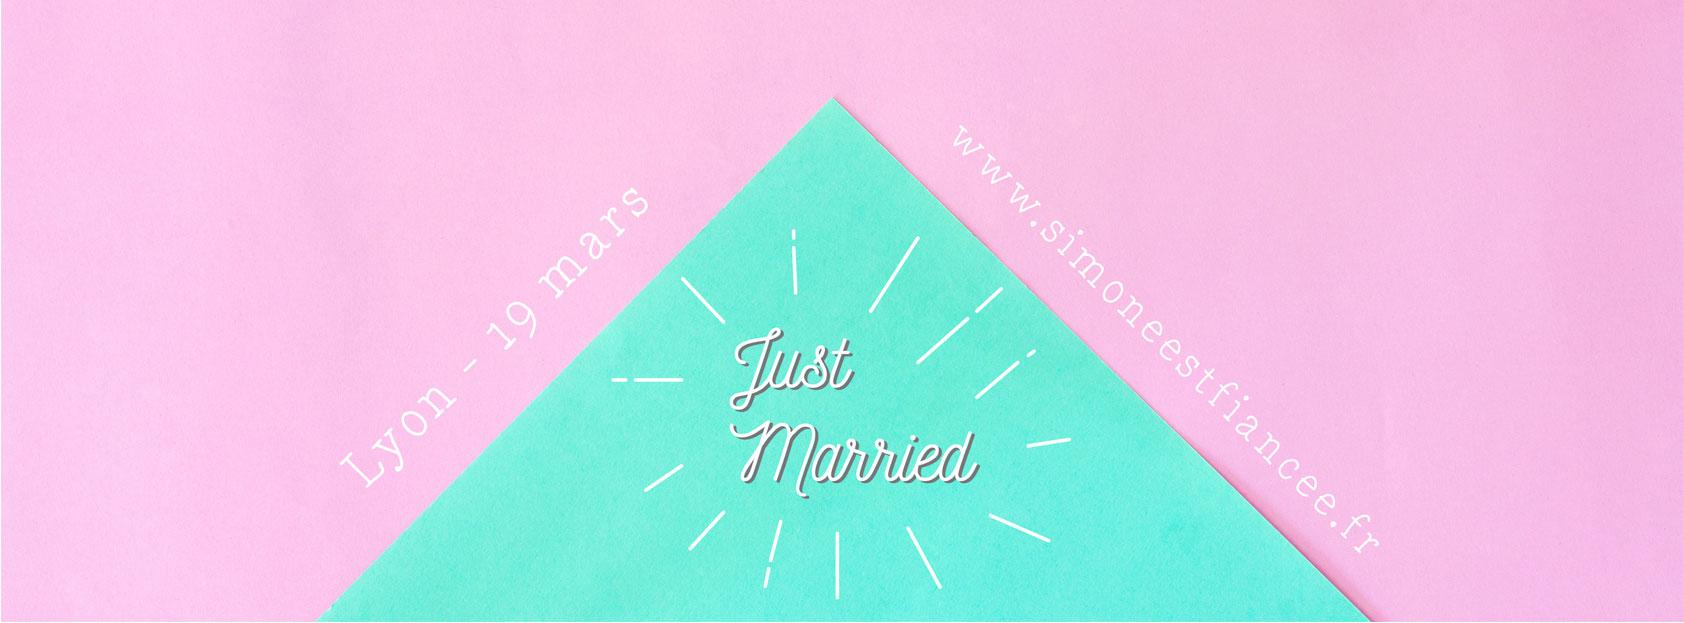 Simone-est-fiancée,-les-ateliers-créatifs-pour-préparer-ton-mariage_La-Mariee-Sous-Les-Etoiles-4